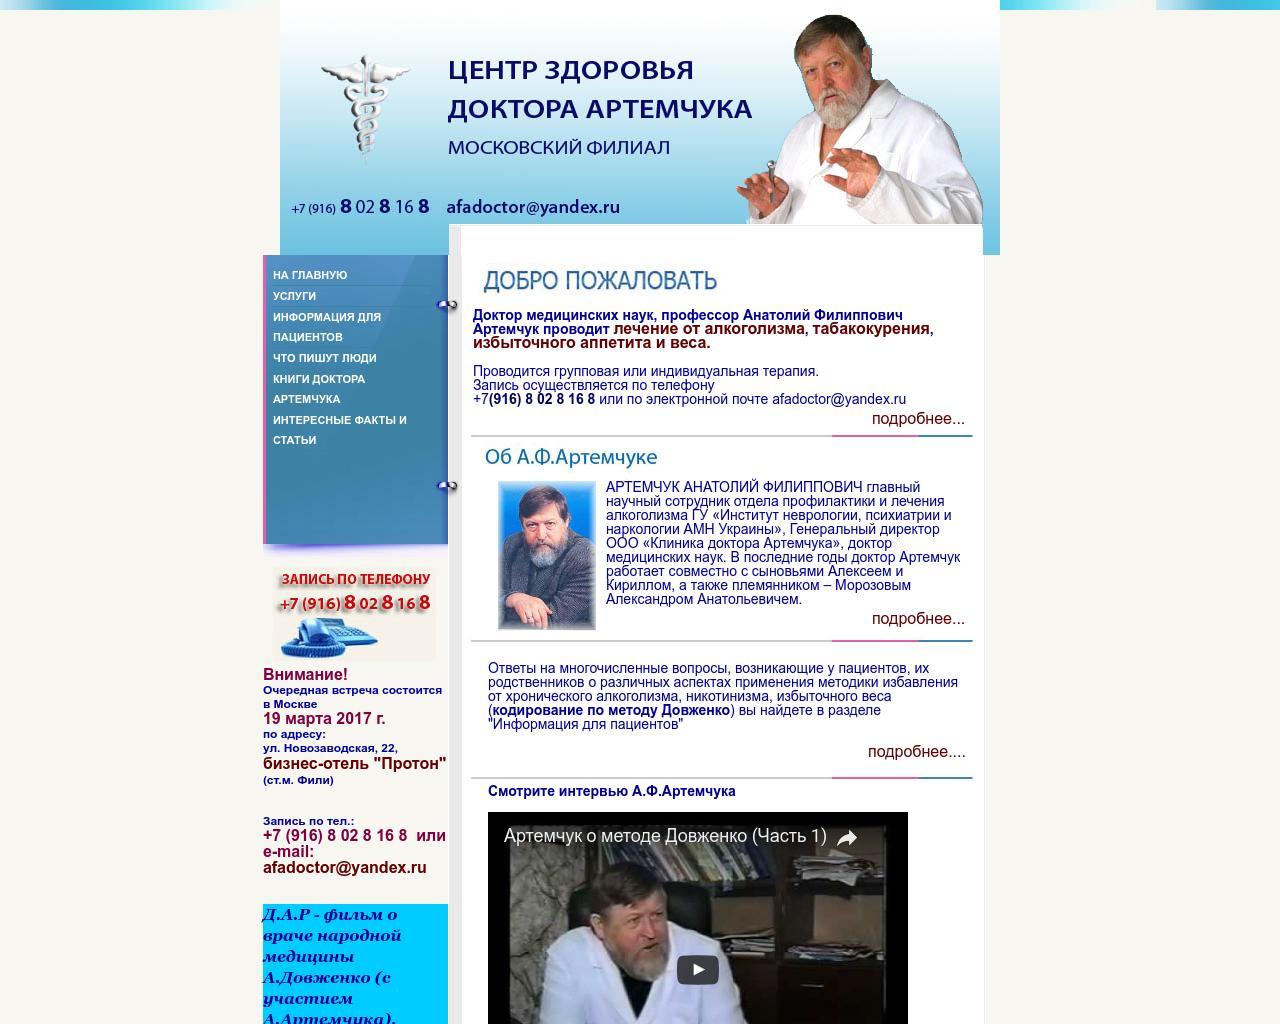 Лечение белой горячки в домашних условиях медикаментами